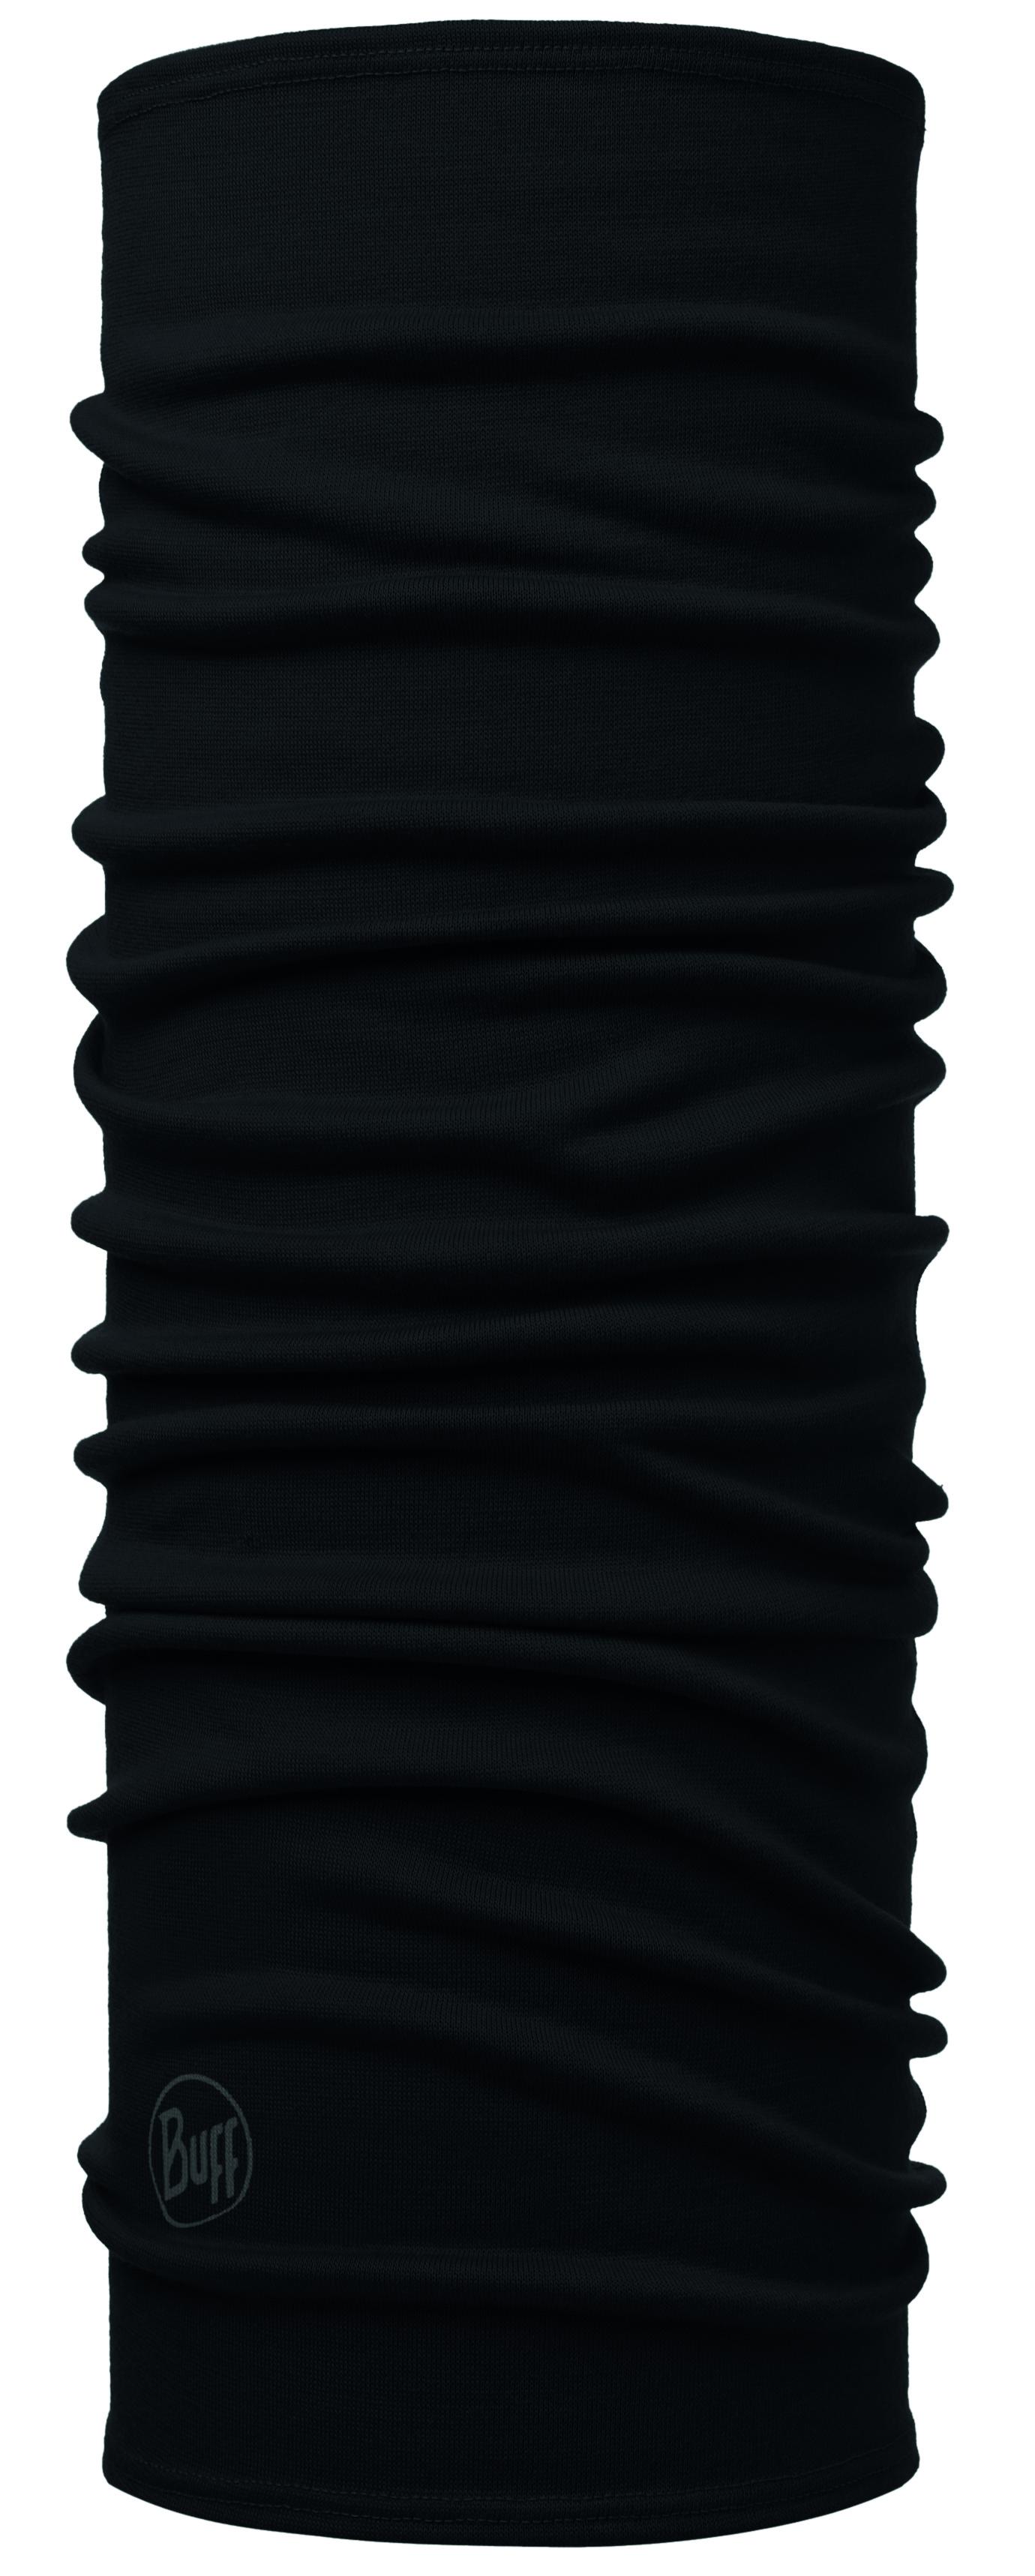 Бандана Buff Midweight Merino Wool Solid Black